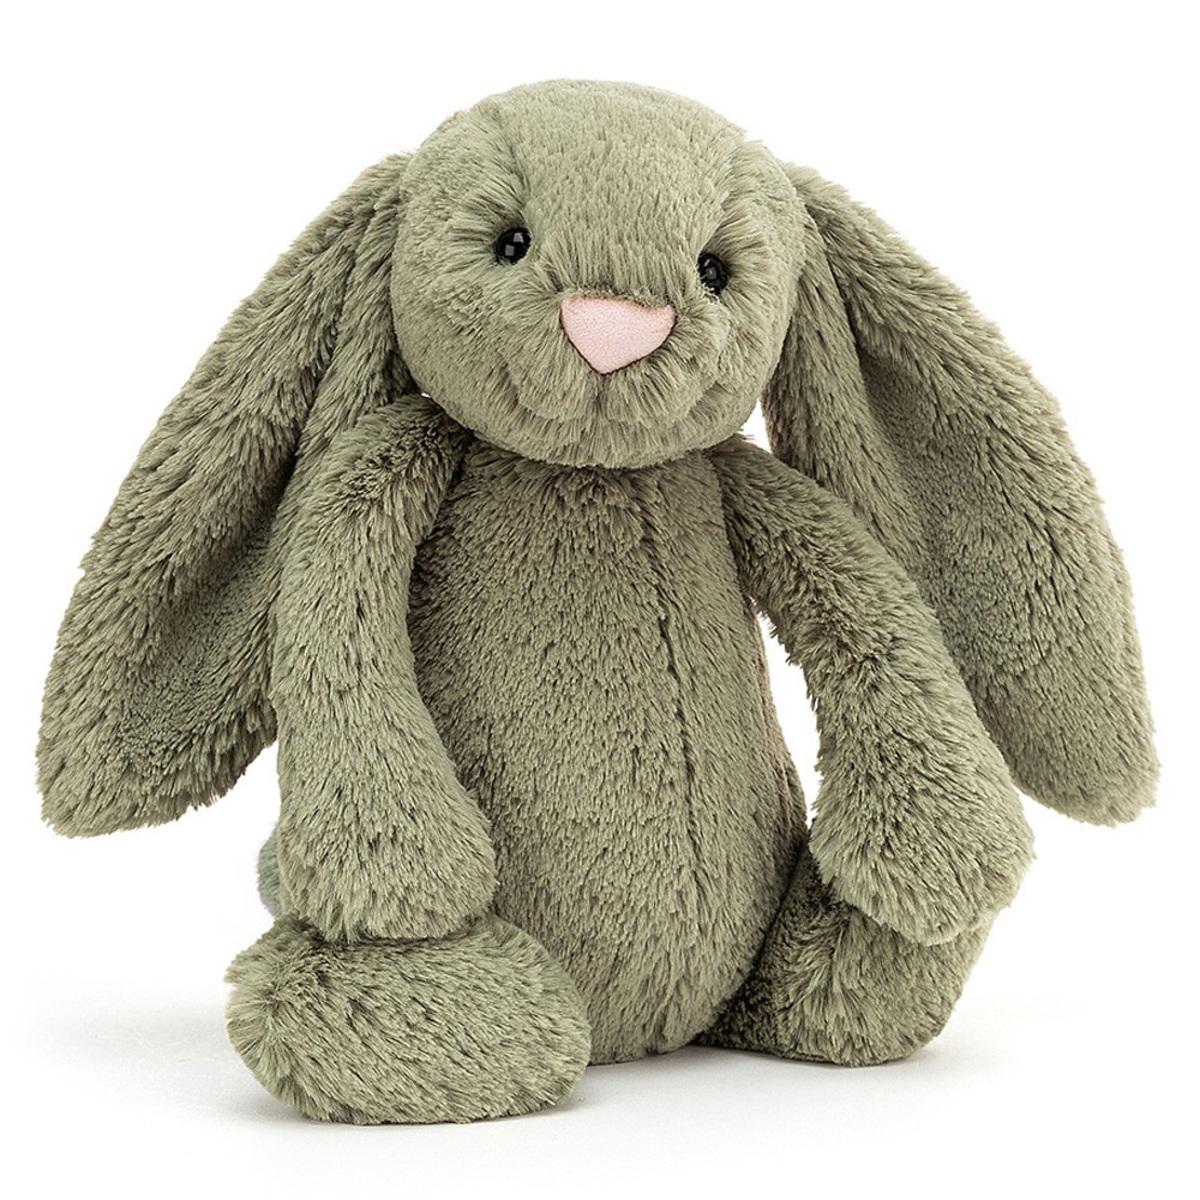 Peluche Bashful Fern Bunny - Medium Peluche Lapin 31 cm